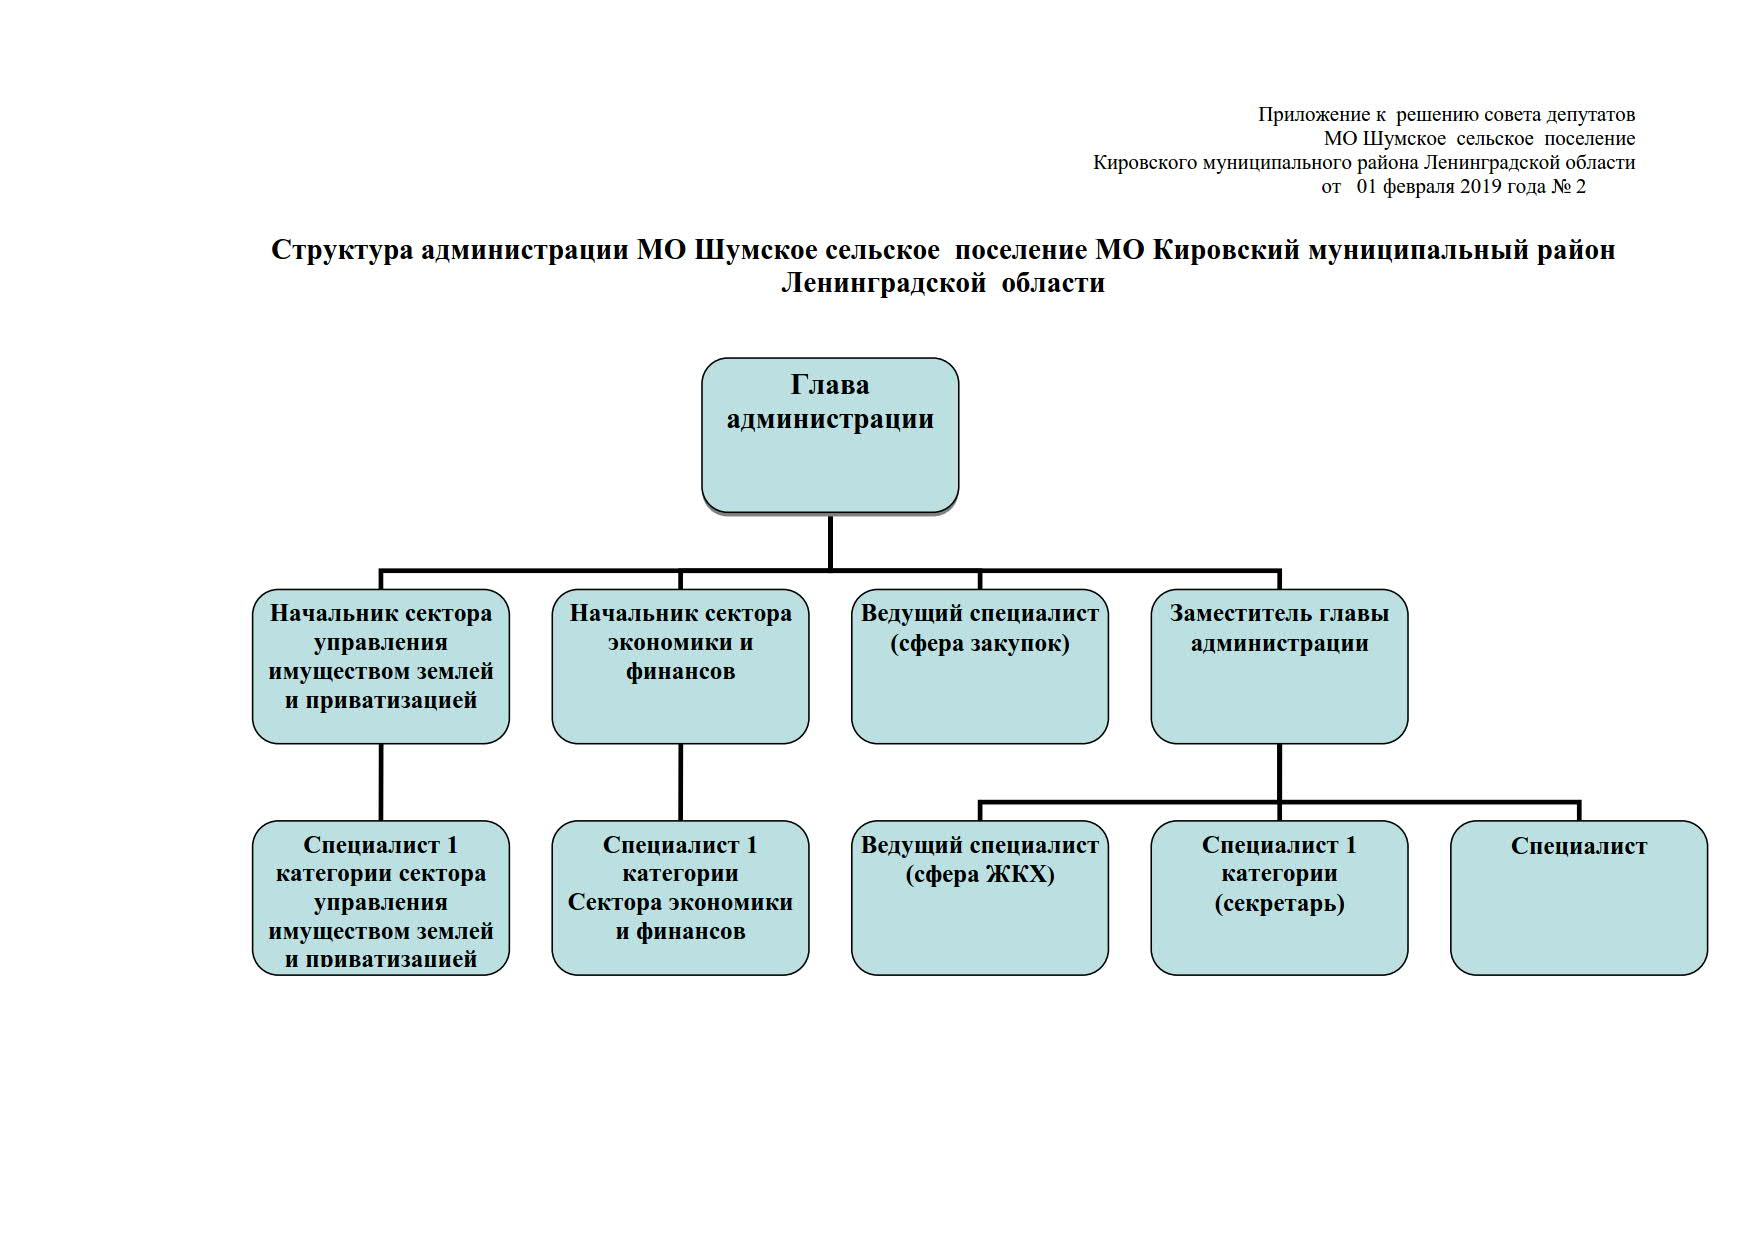 2 от 01.02.2019 структура администрации_1